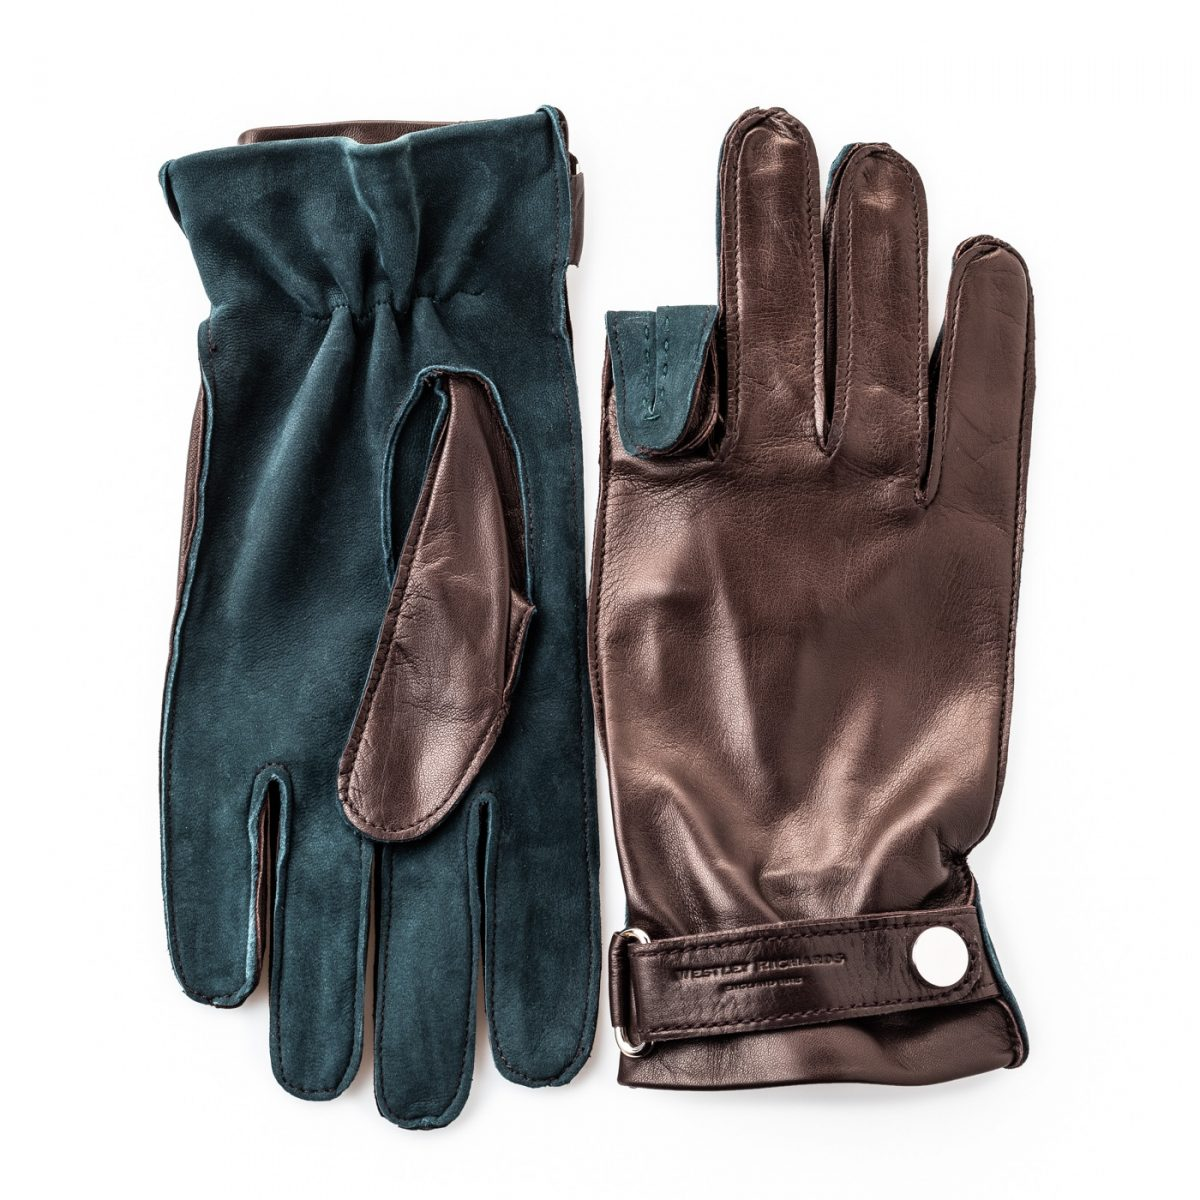 wr_co_gloves-5535-edit